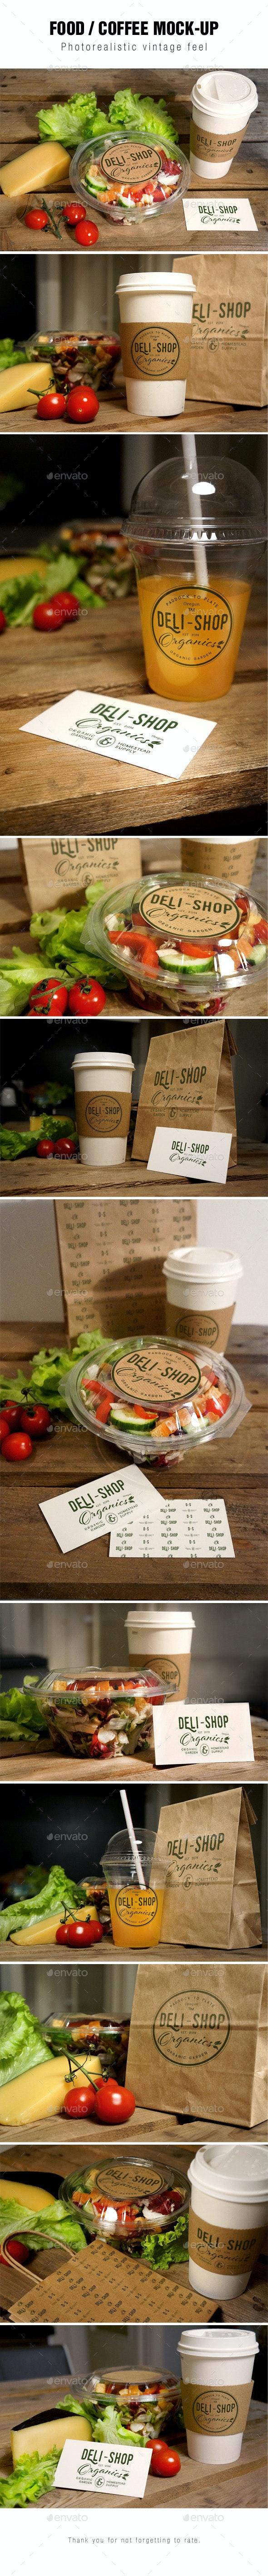 Food / Coffee Mockup - Food and Drink Packaging